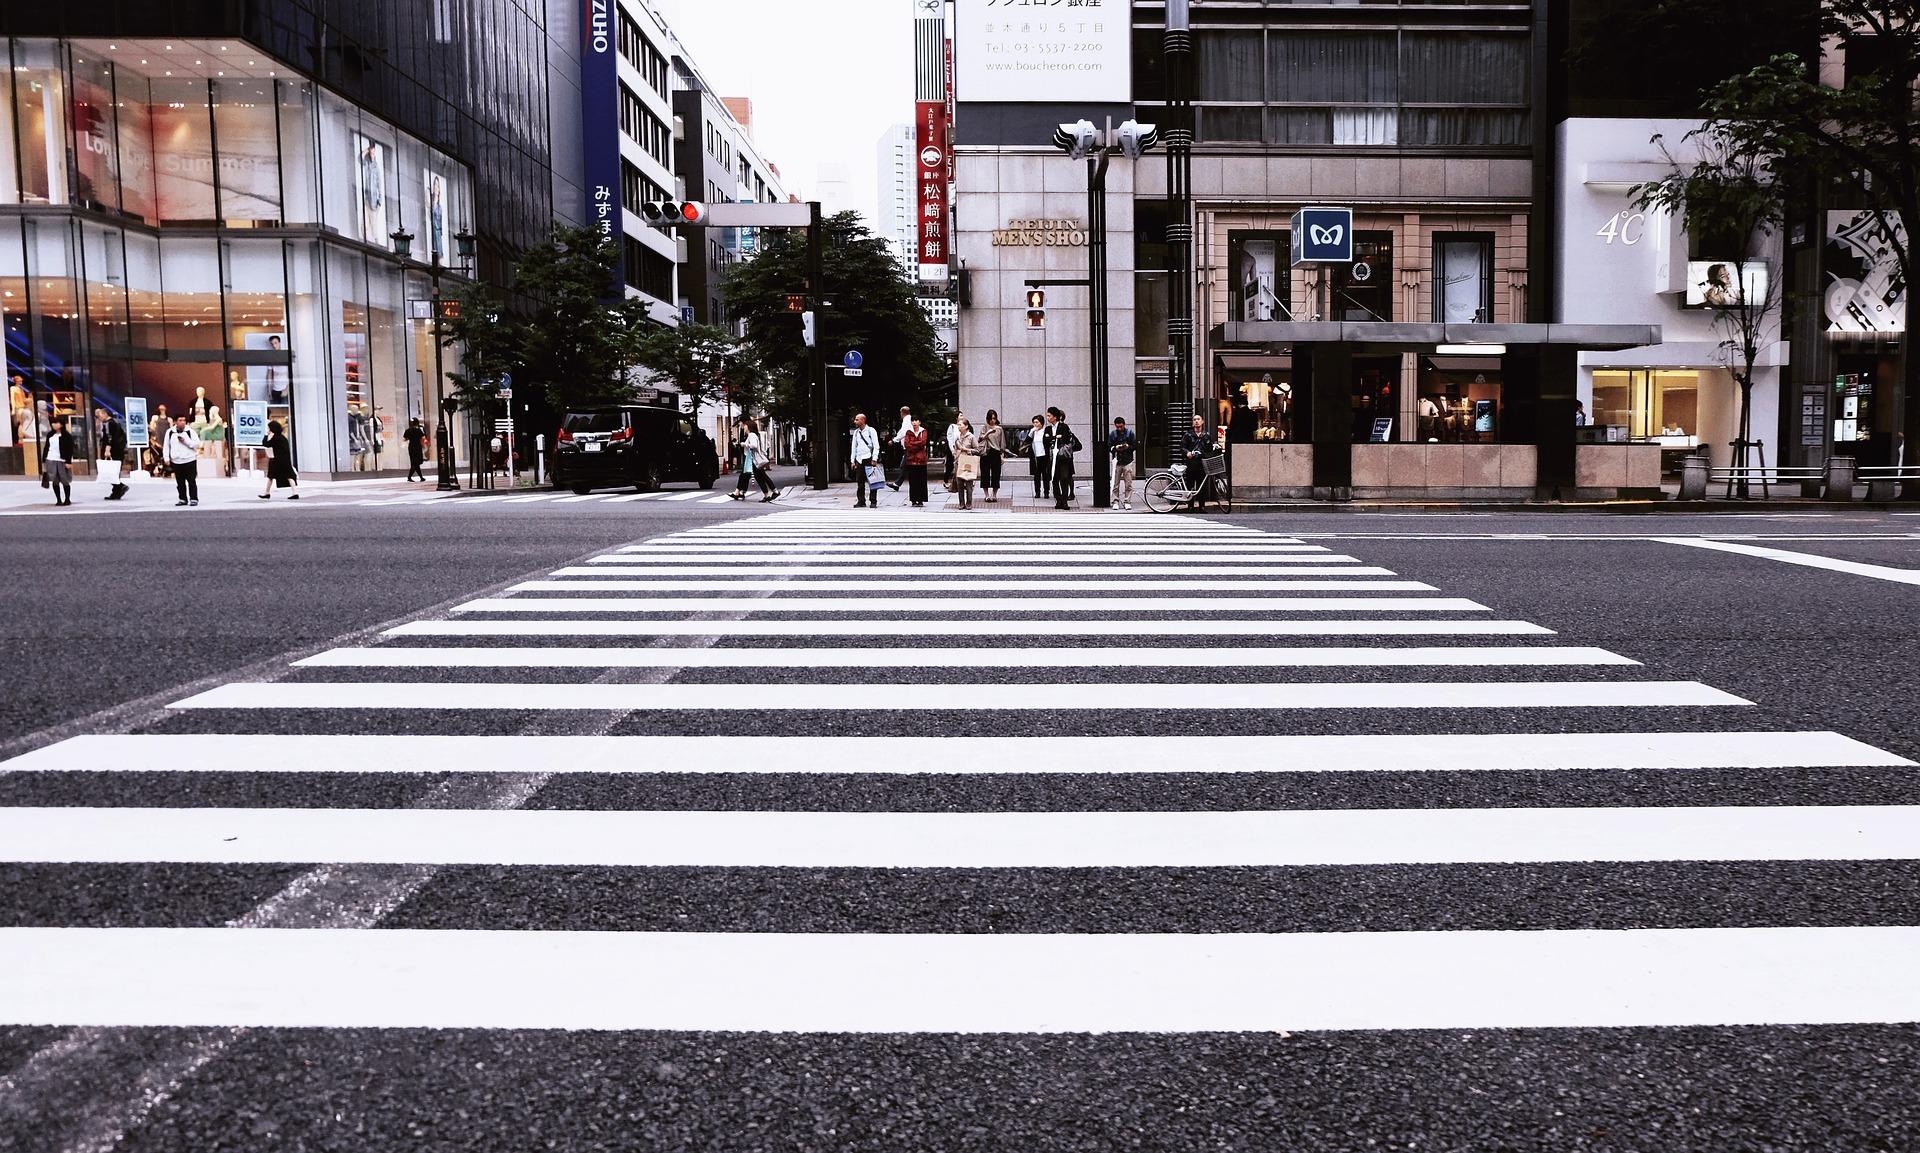 Zmiana przepisów ruchu drogowego. Piesi będą mieć pierwszeństwo - Zdjęcie główne